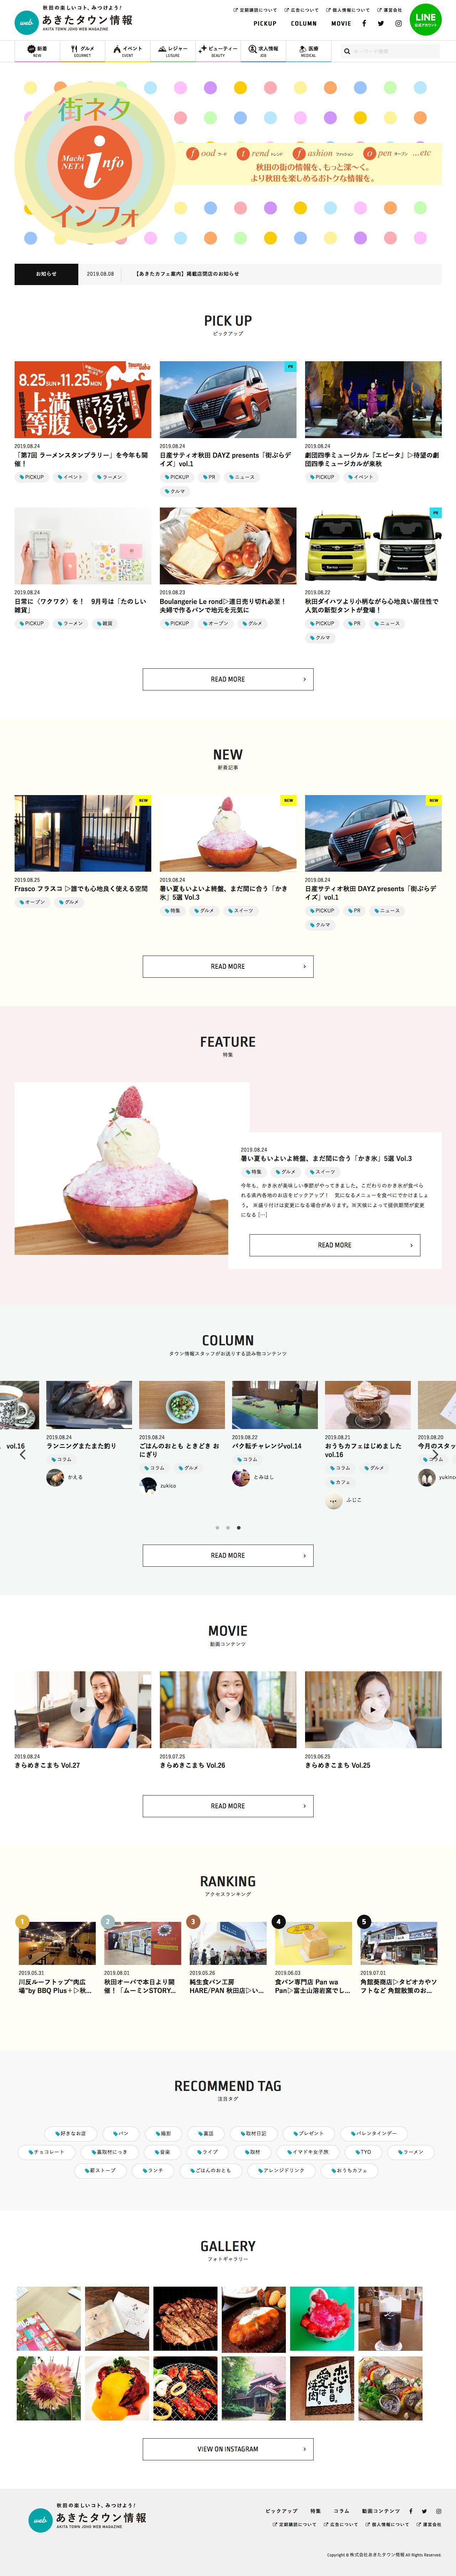 あきたタウン情報 ウェブデザイン Webデザイン デザイン